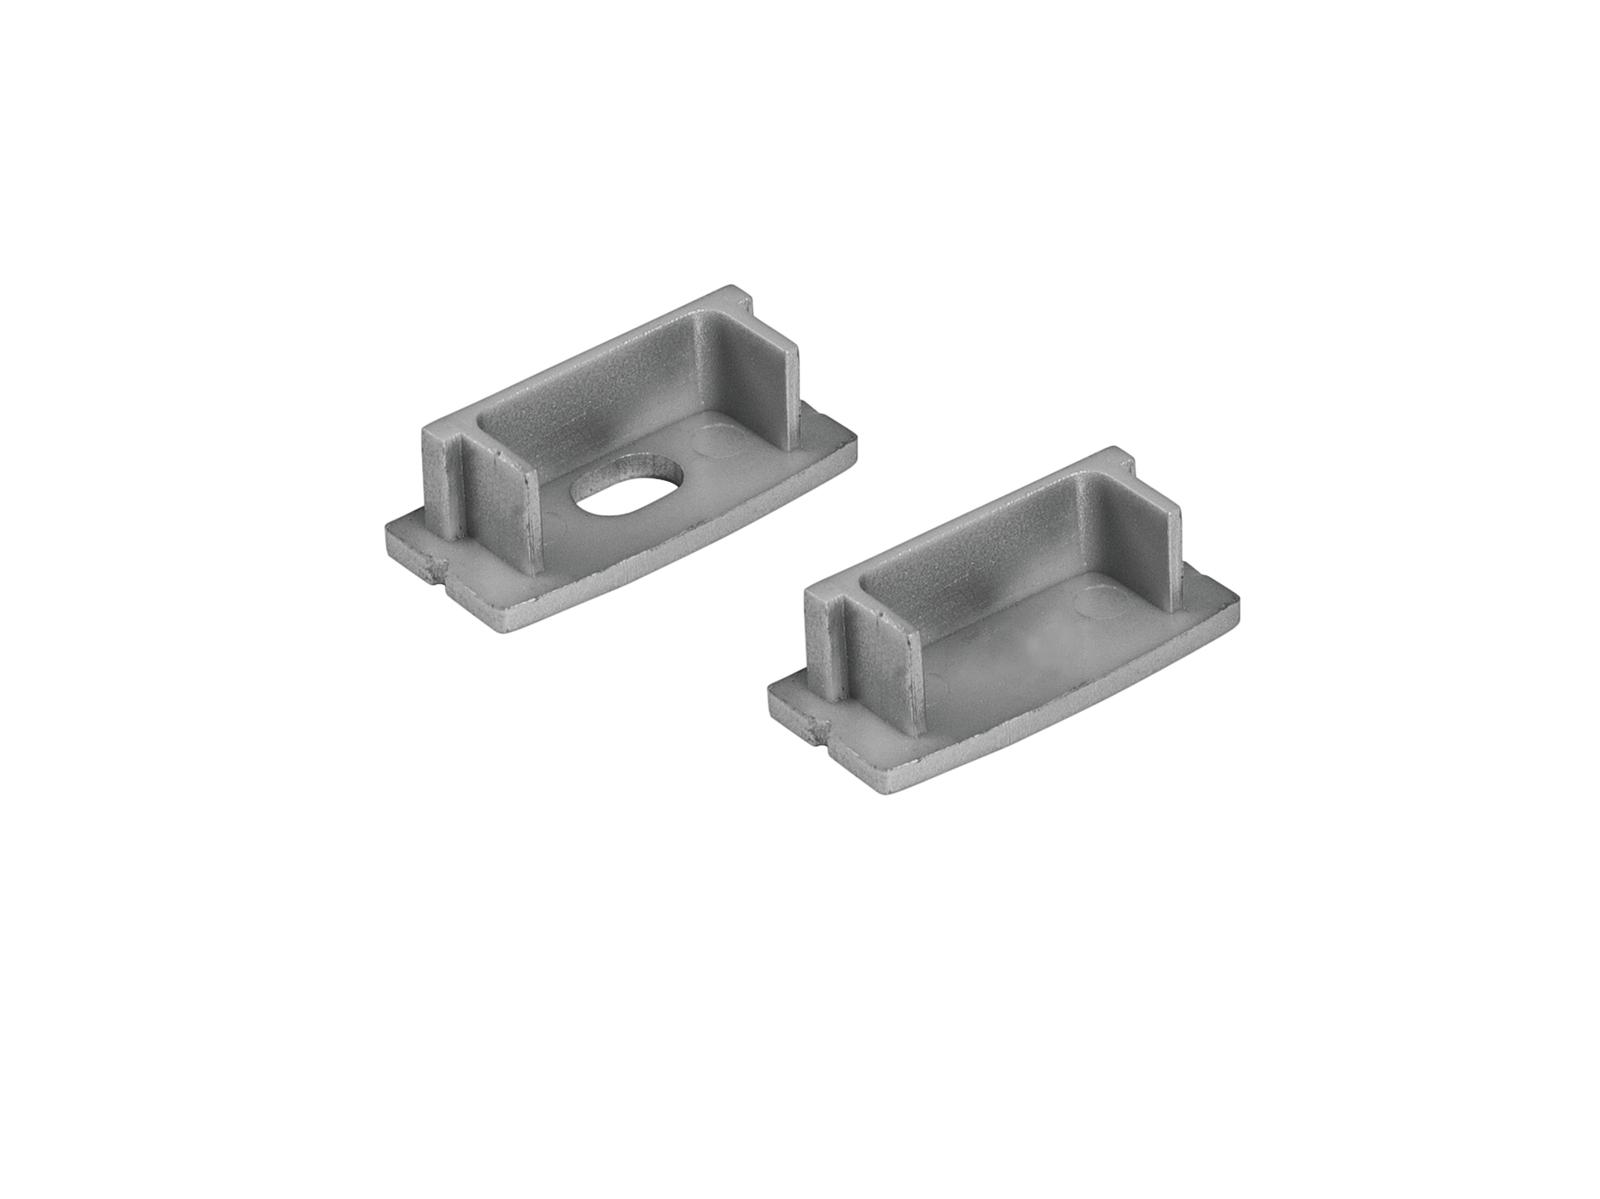 EUROLITE Endkappen für U-Profil 20mm silber